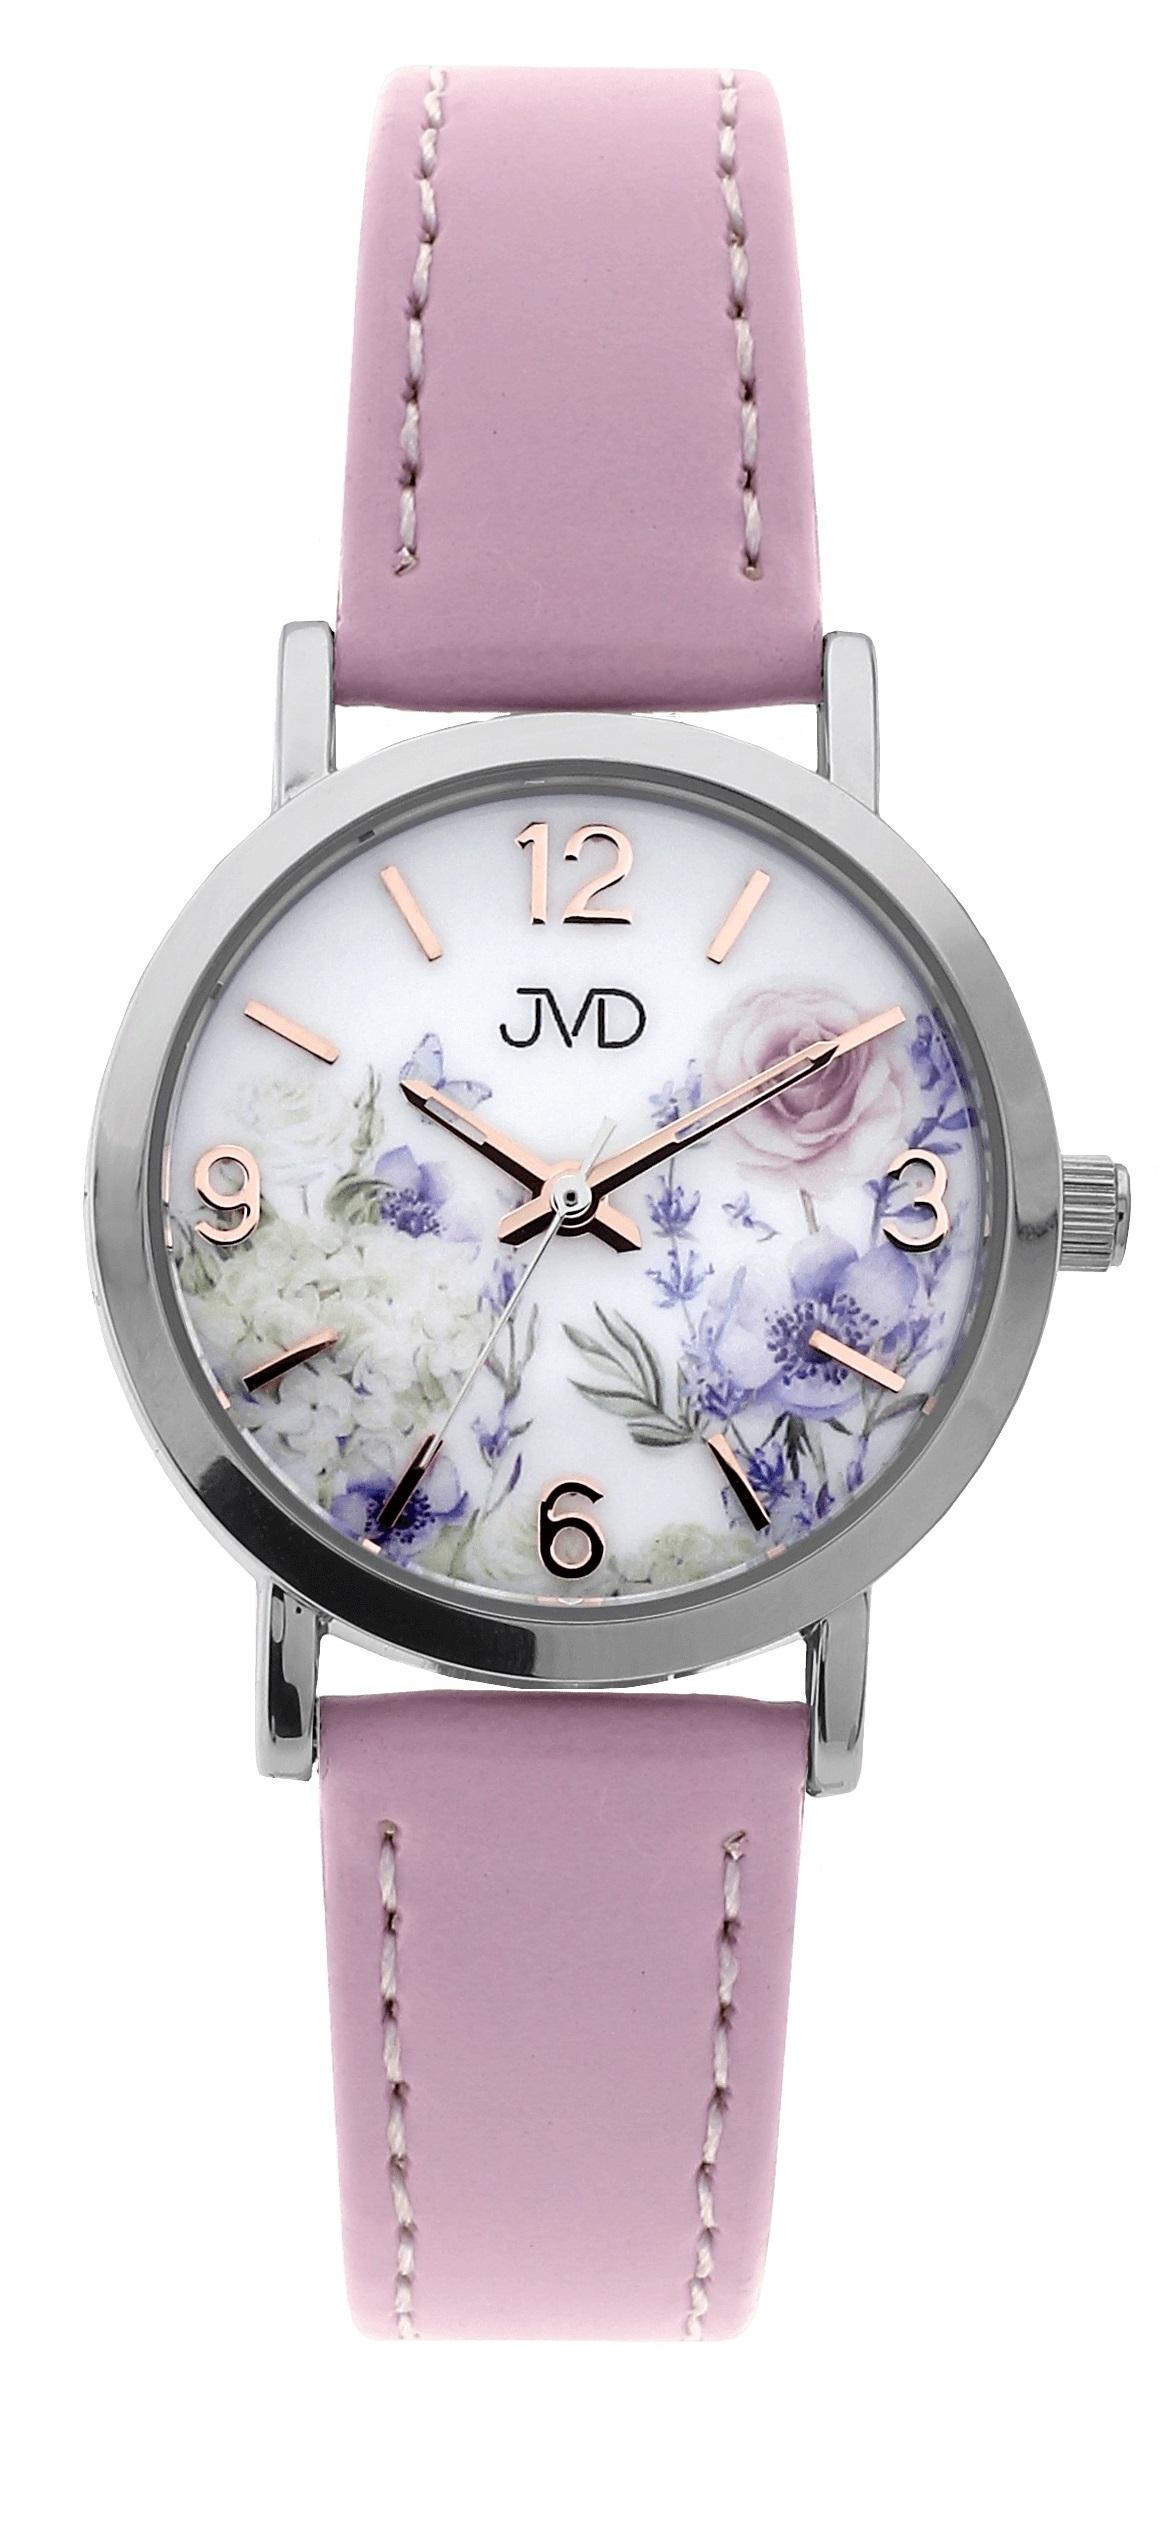 Dětské dívčí přehledné náramkové hodinky JVD J7184.1